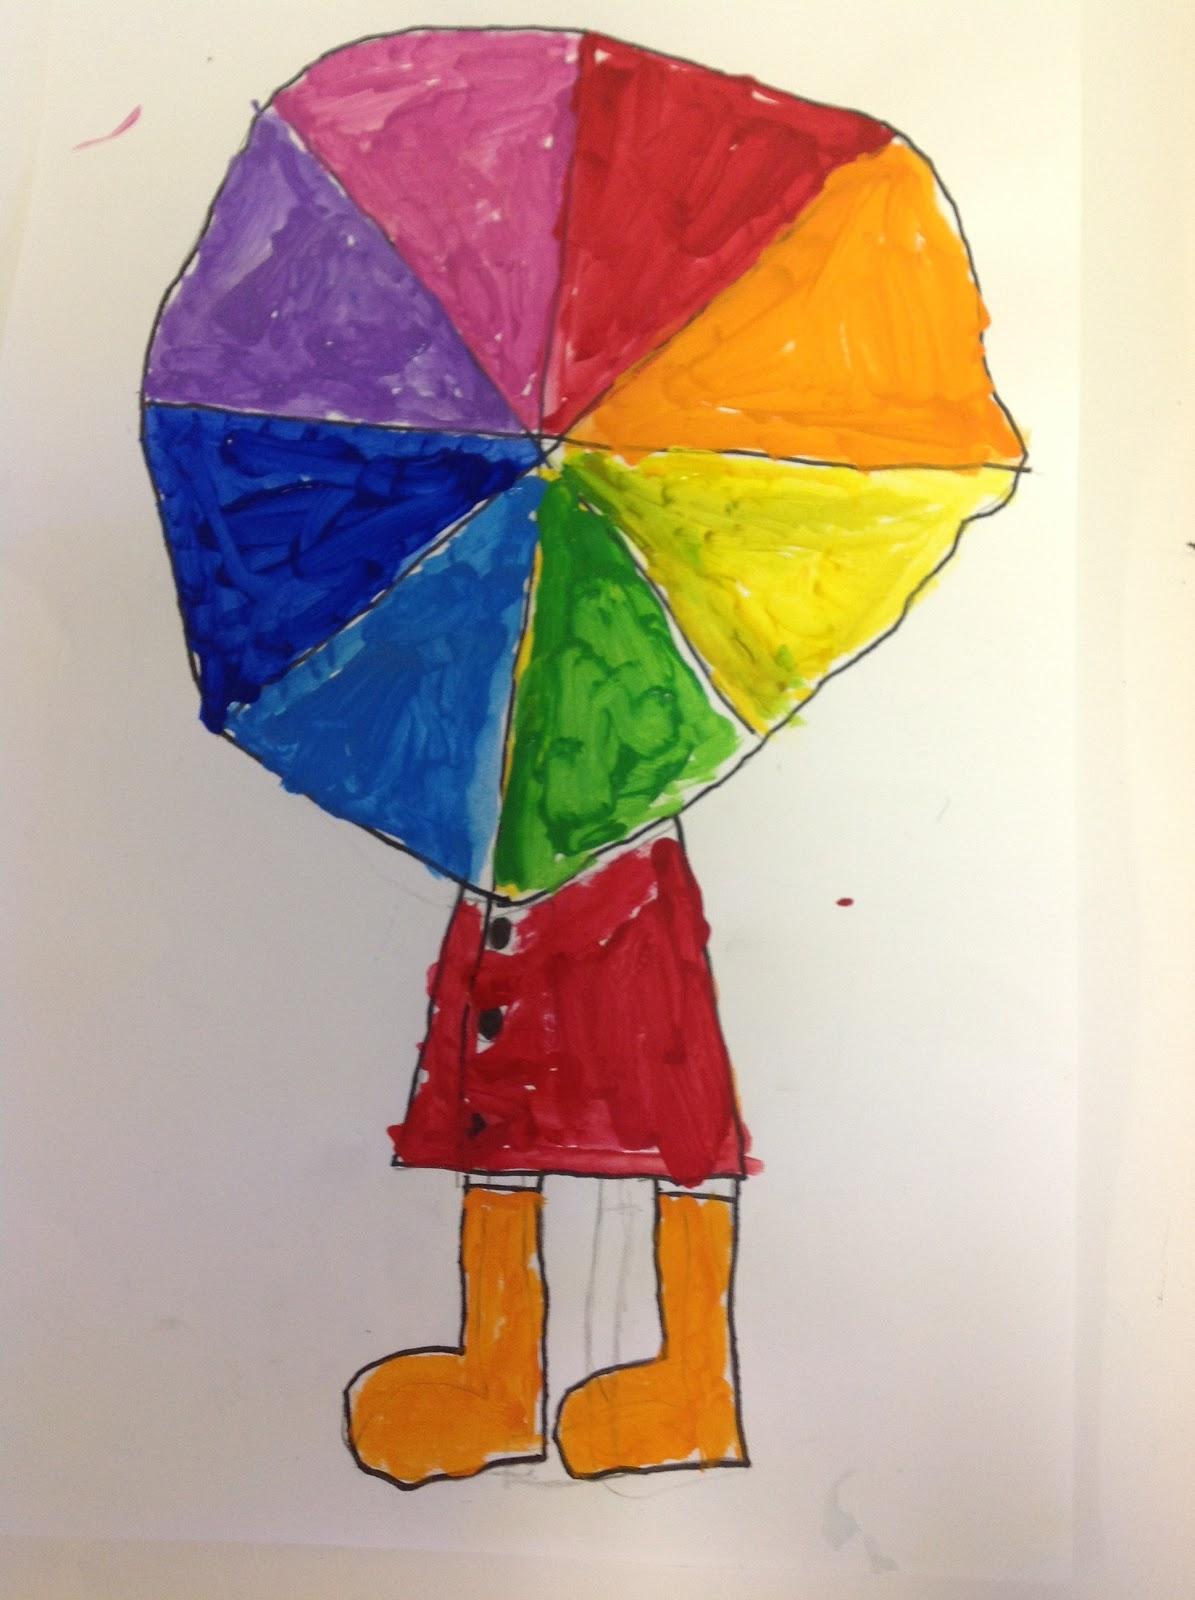 Color wheel art lesson for second grade - Color Wheel Umbrellas